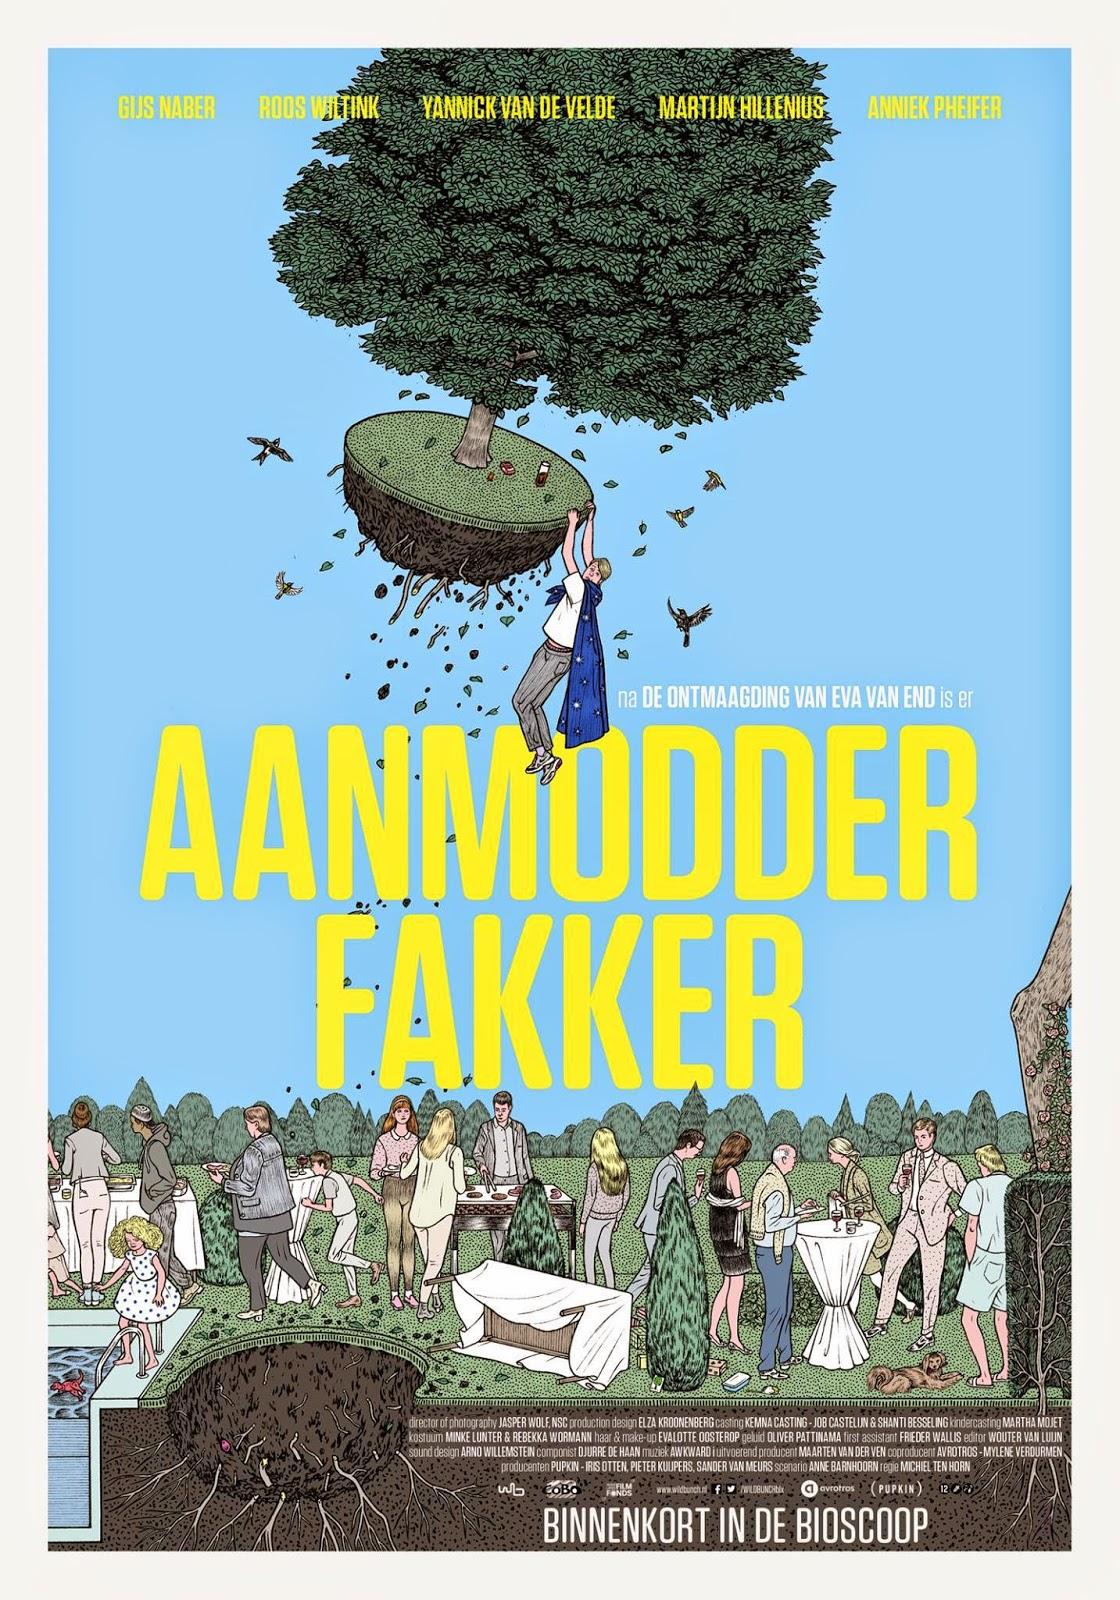 Aanmodderfakker (How To Avoid Everything) (2014)